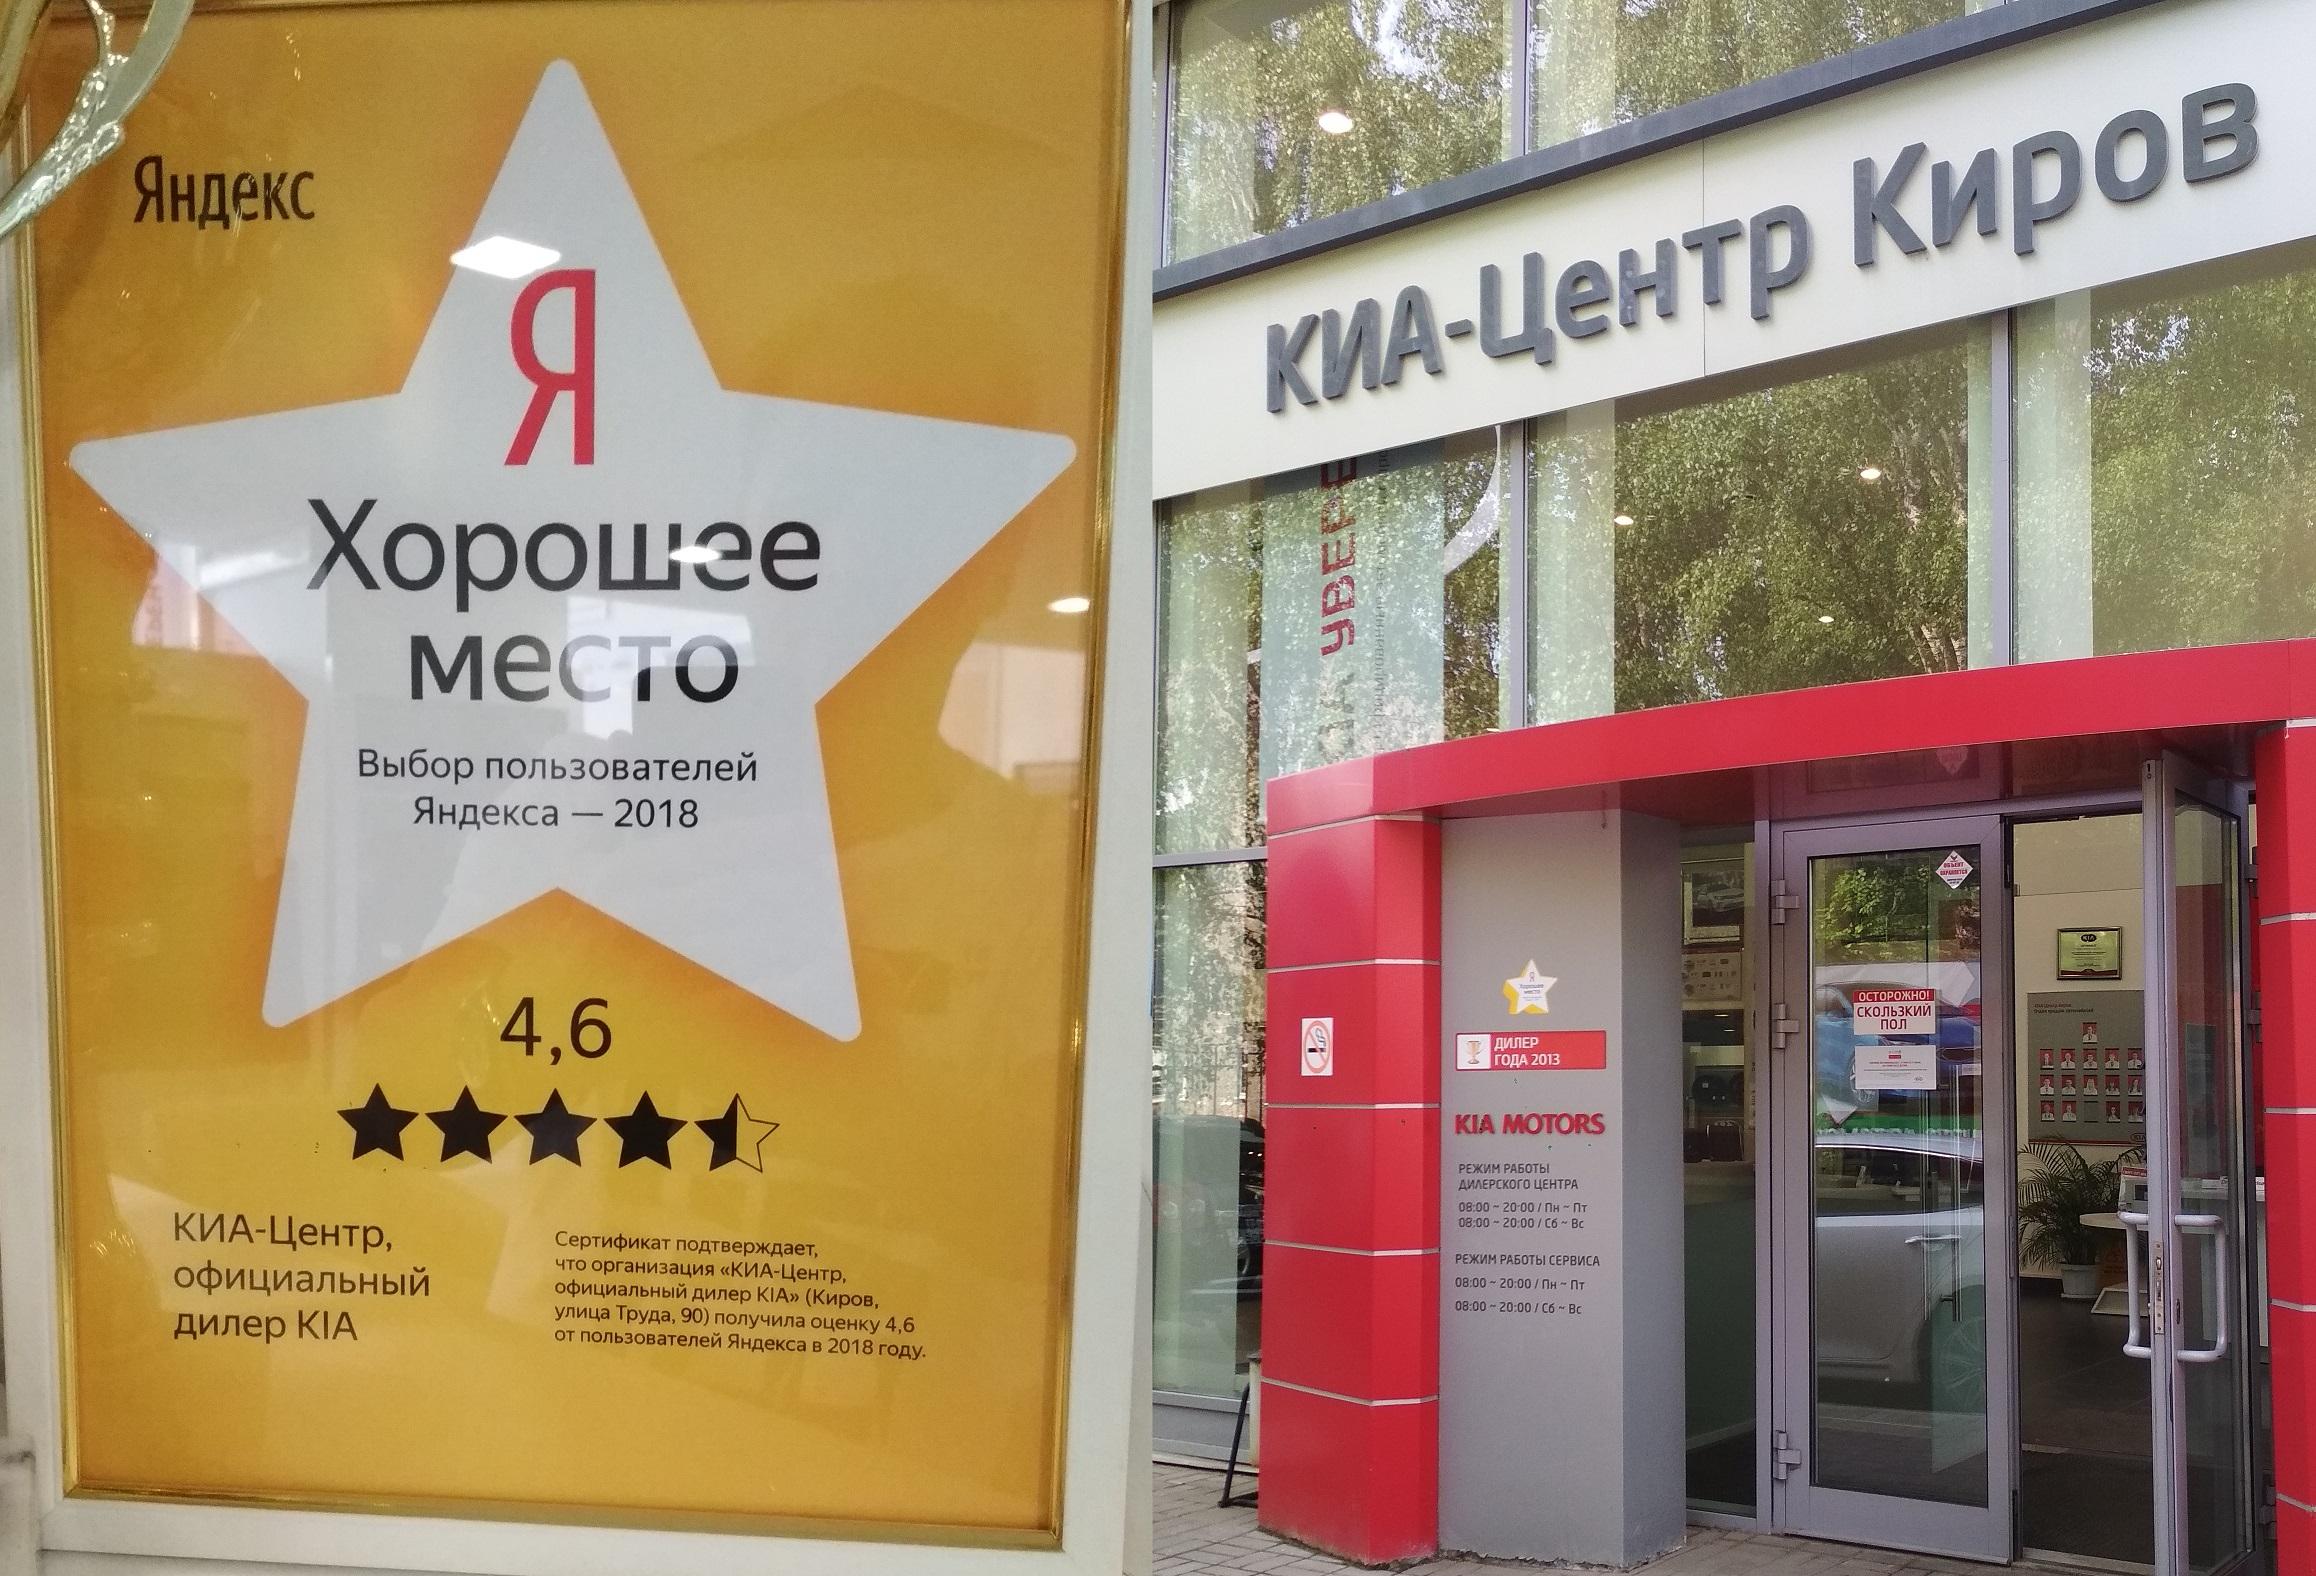 """КИА-Центр Гусар отмечен знаком """"Хорошее место"""" по итогам 2018 года на основе отзывов клиентов на Яндекс.Карте."""